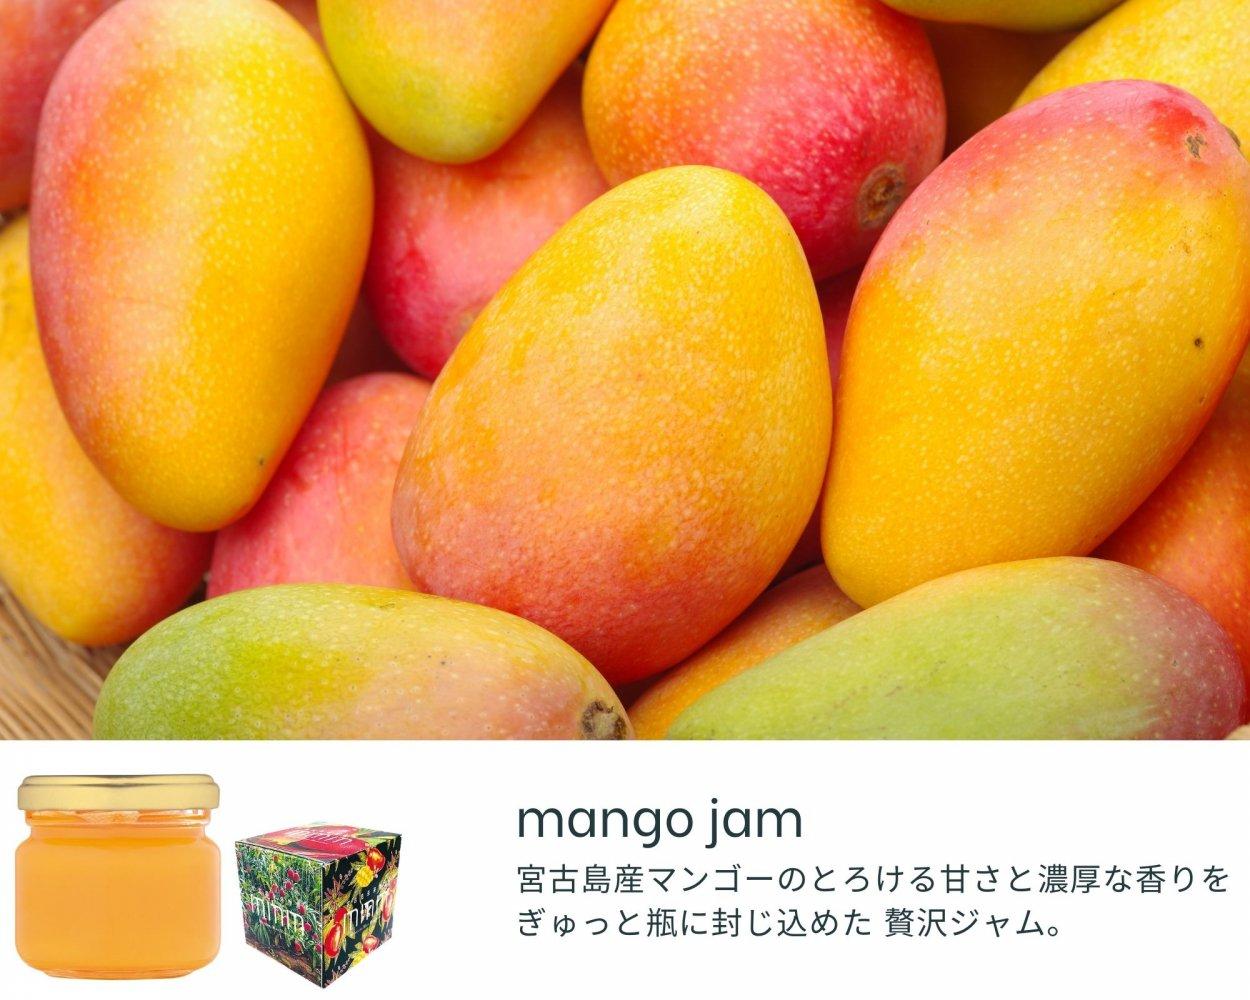 宮古島マンゴーの贅沢ジャム